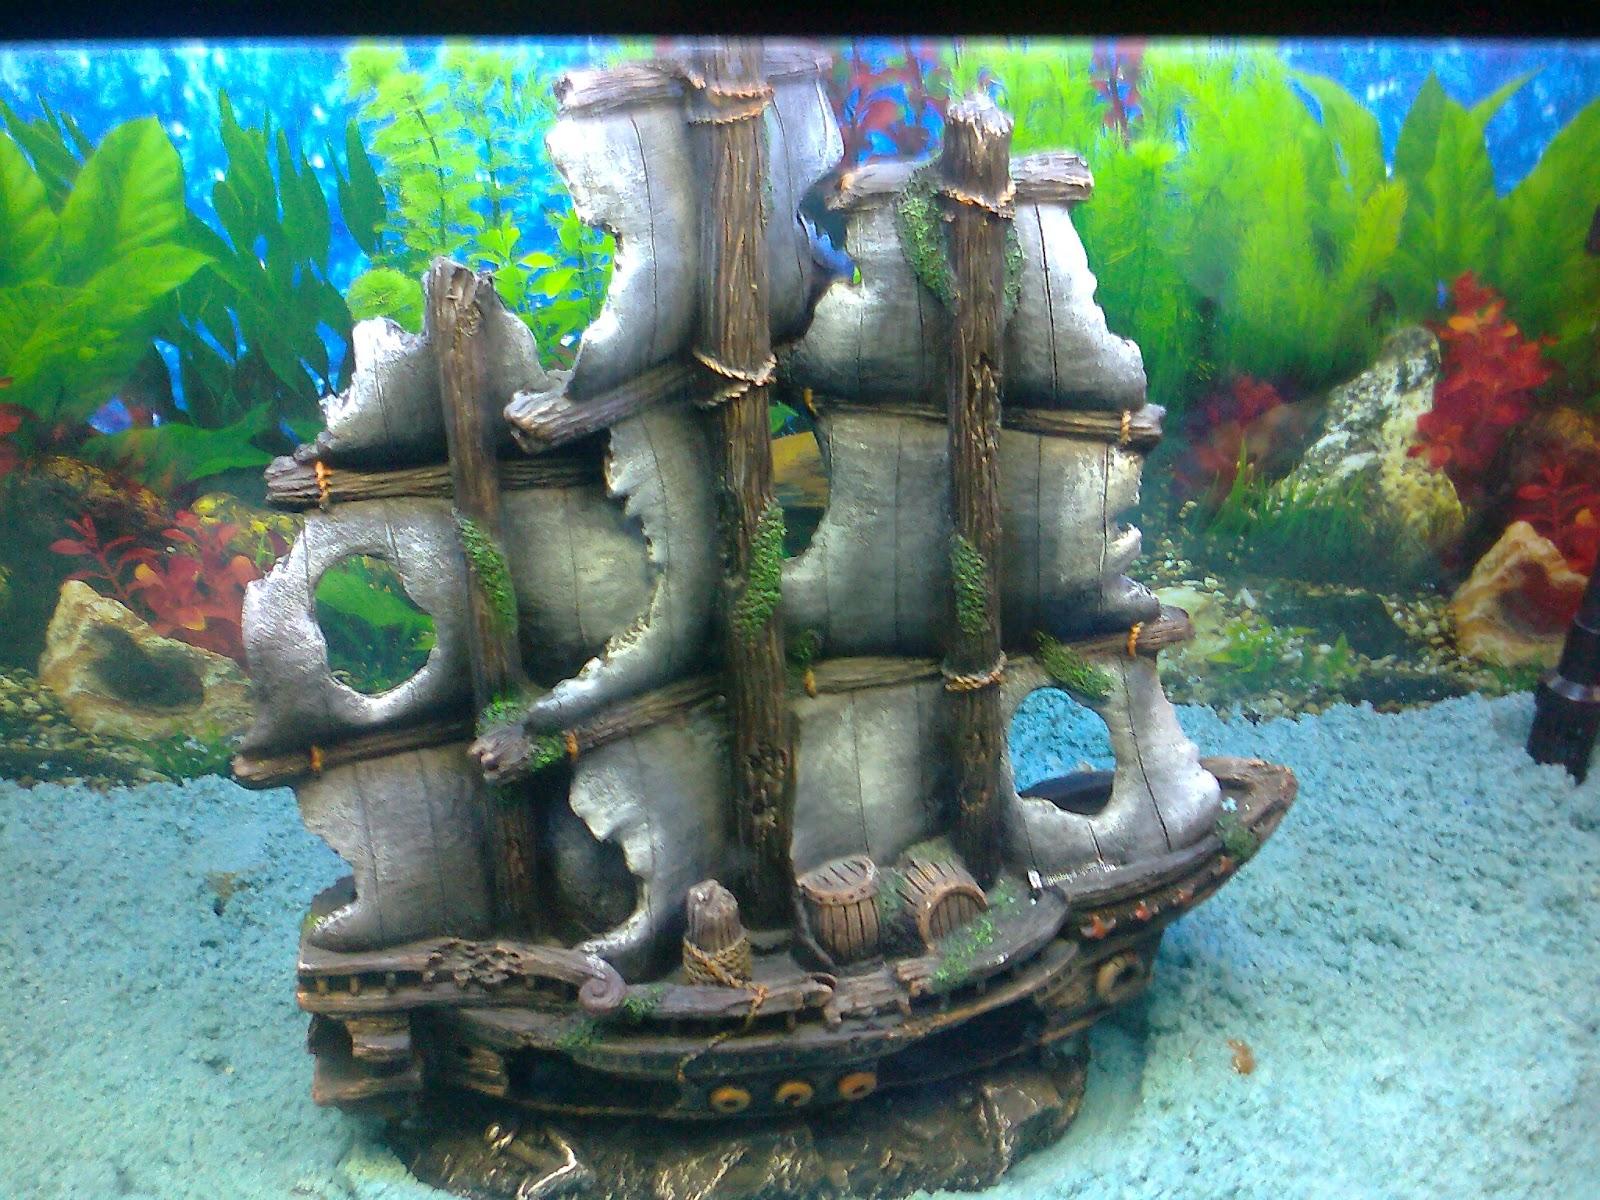 Pet shop ahmedabad colourful aquarium fish exhibition for Aquarium decoration ship